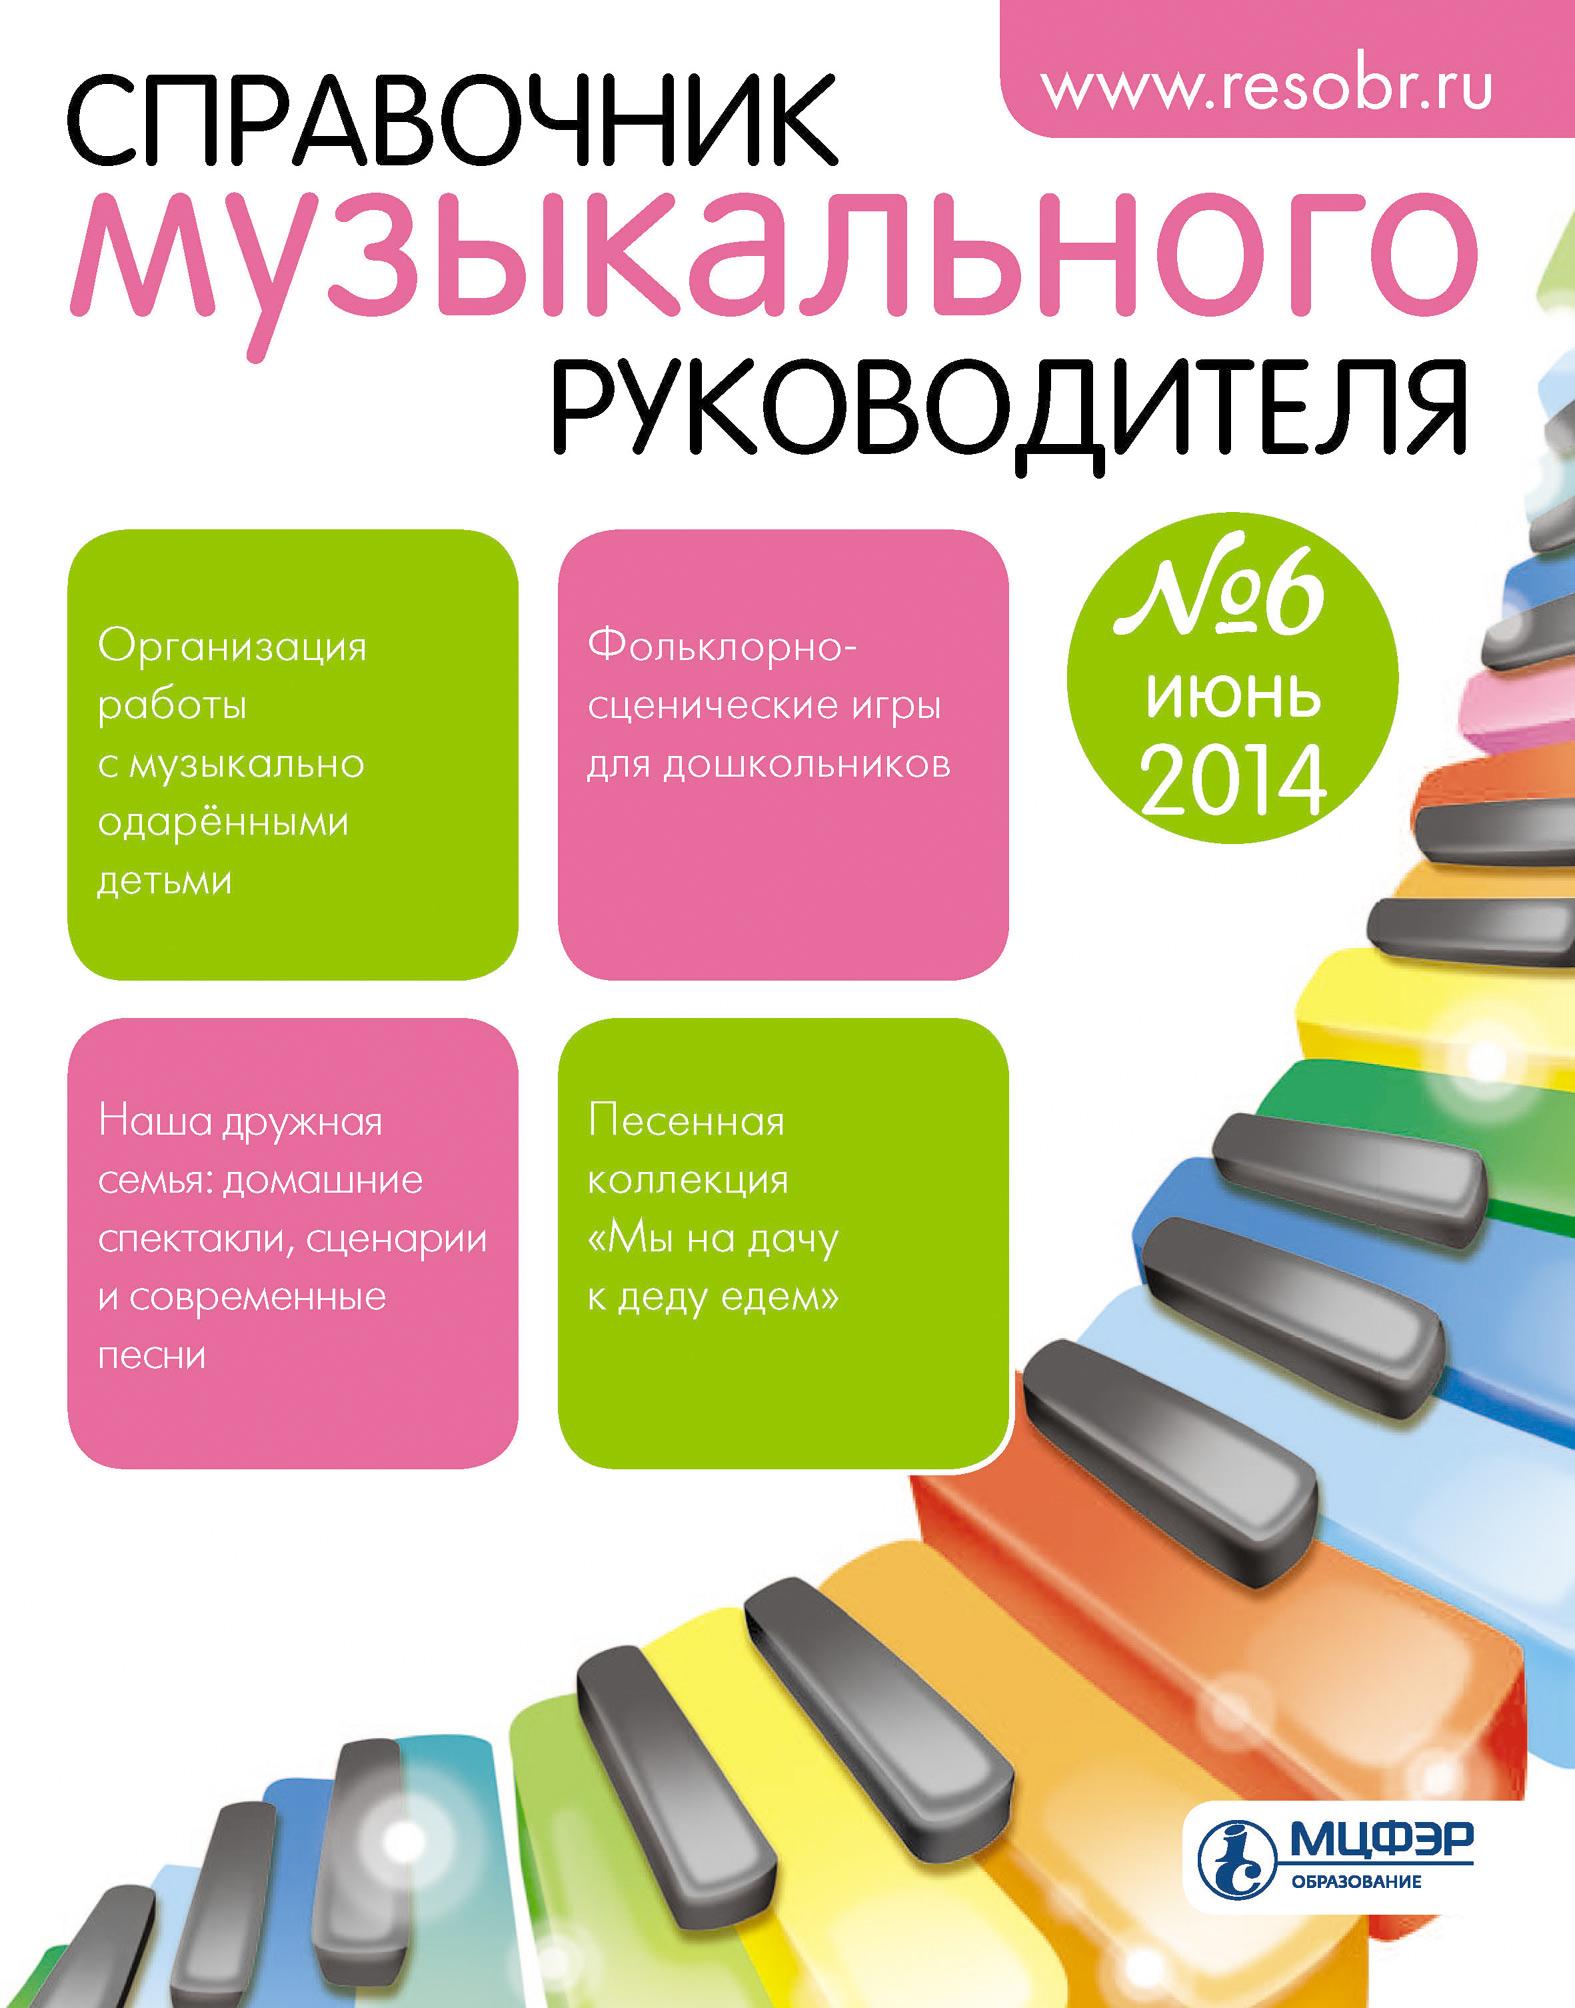 Справочник музыкального руководителя № 6 2014